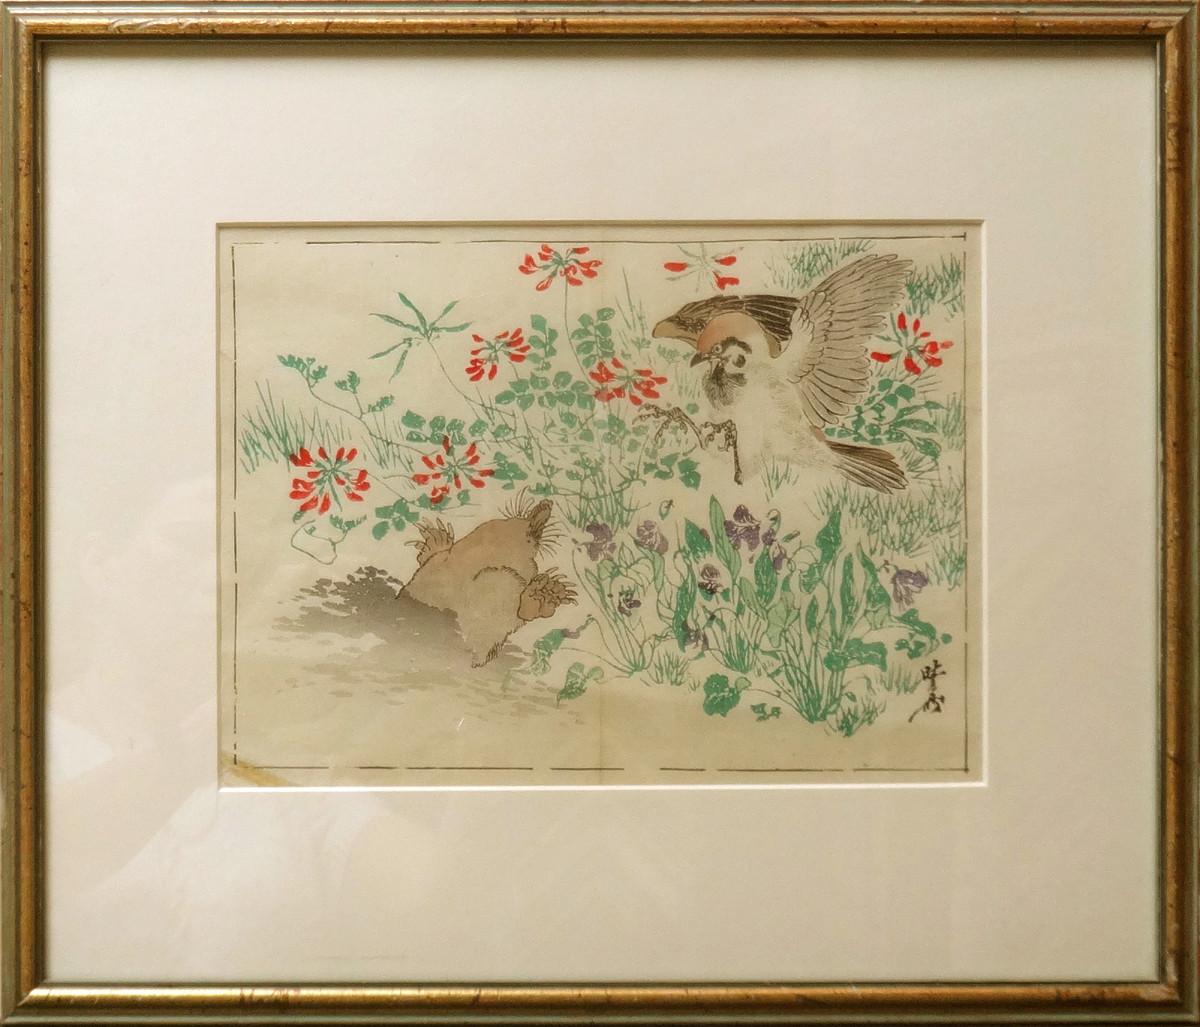 2192 - Untitled (Mole and Bird) by Kawanabe Gyosai (1831 - 1889)